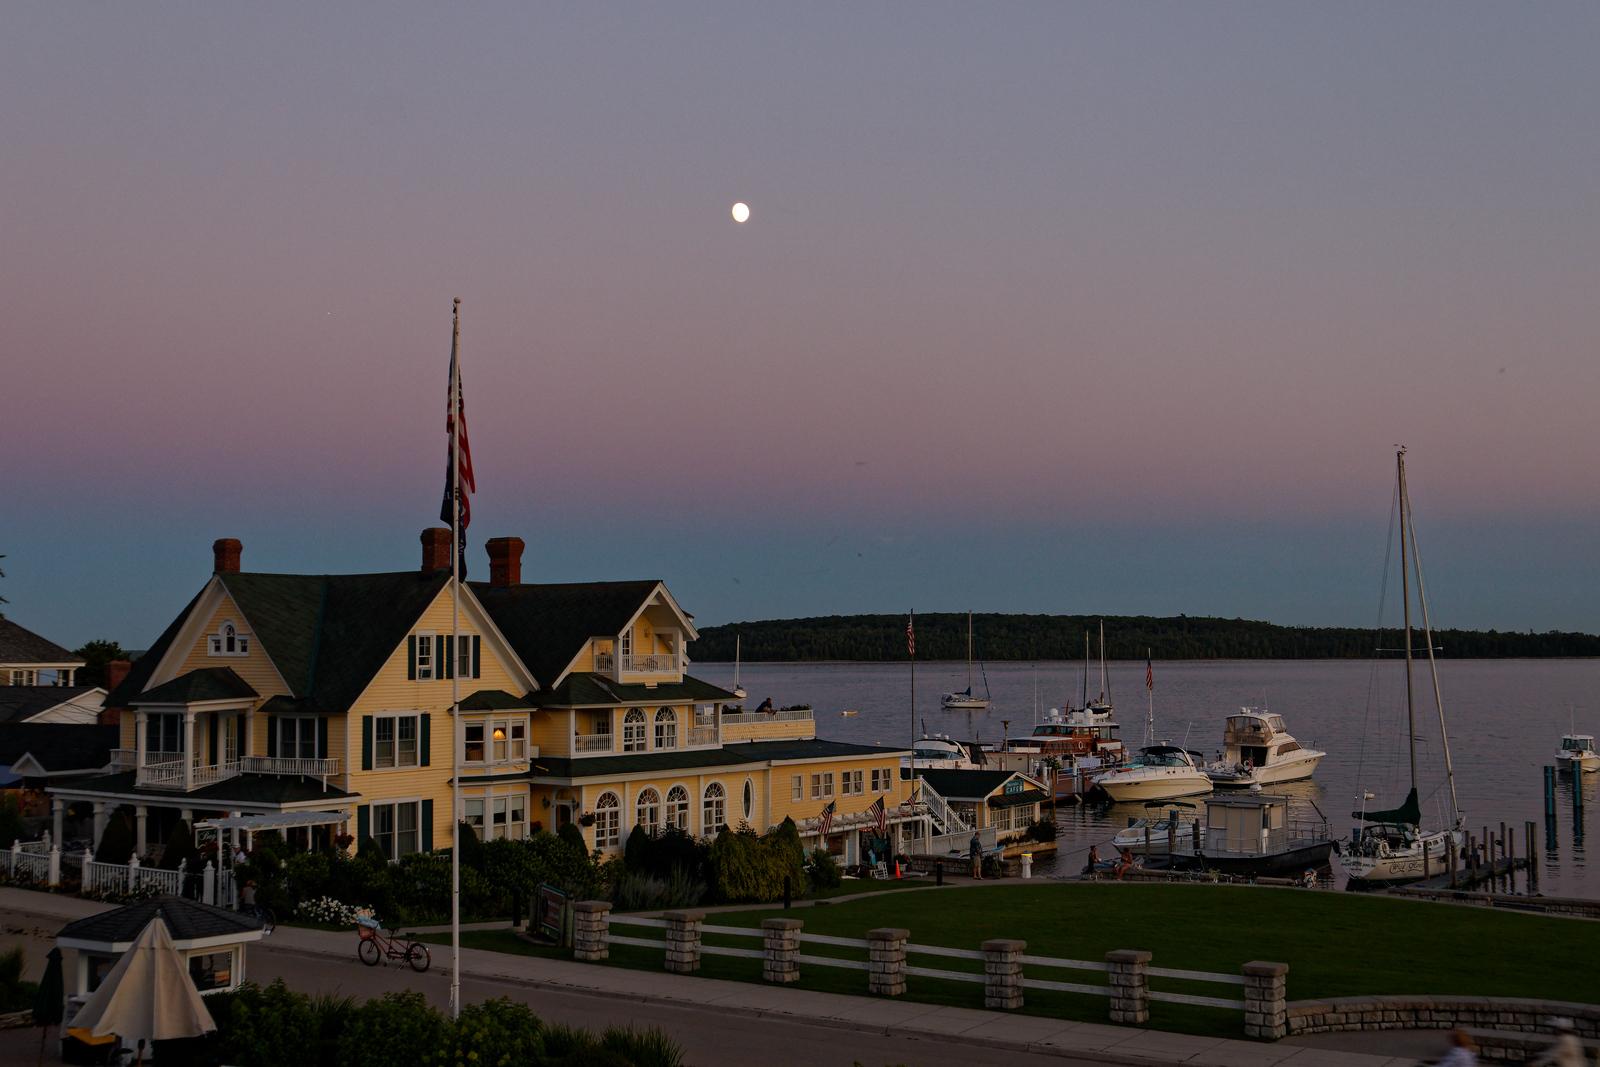 IMAGE: https://photos.smugmug.com/Up-North/Mackinac-Island-August-2020/i-s7h7Rcq/0/590ca963/X3/IMG_3210-X3.jpg